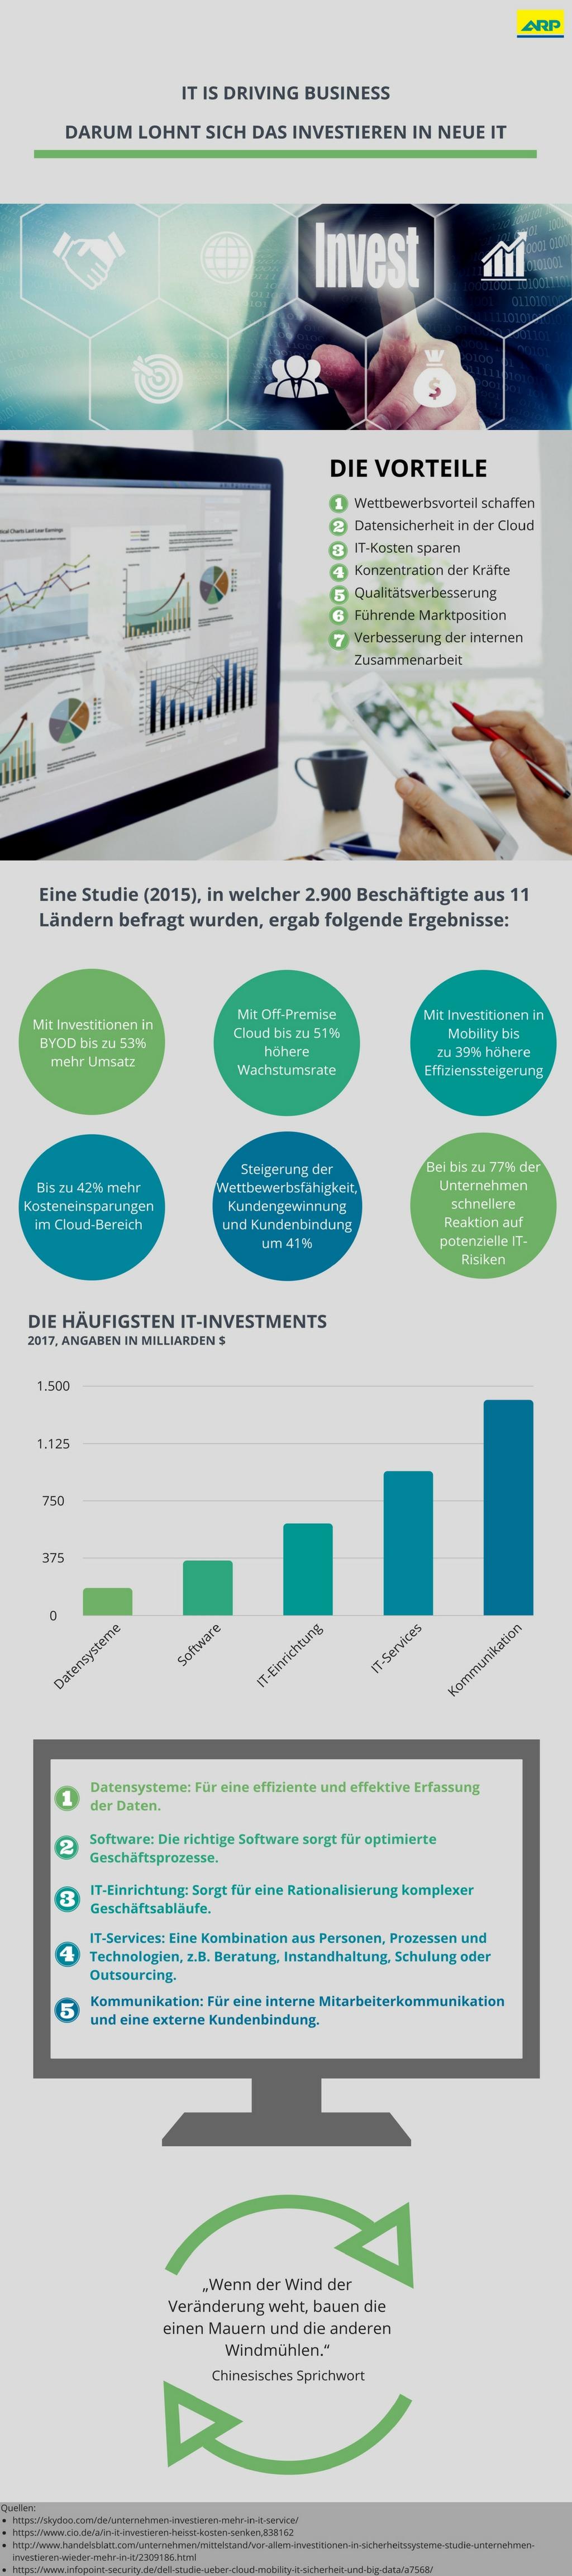 infografik_investment-in-neue-it